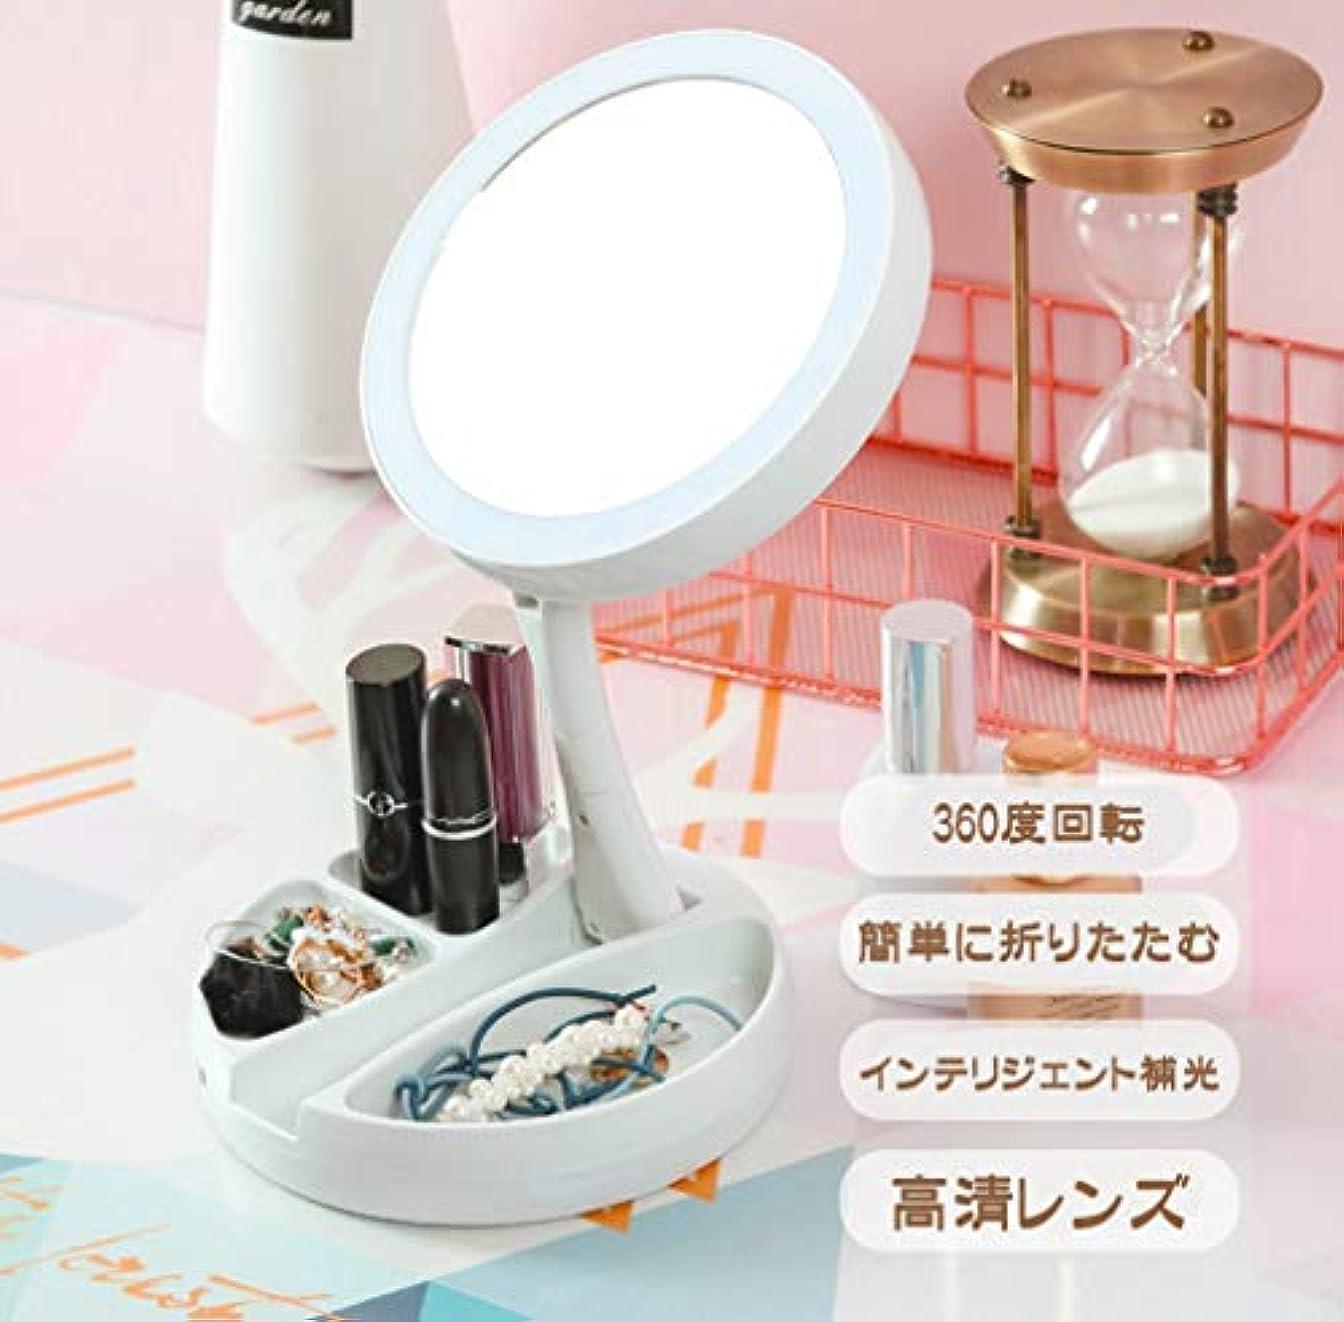 起点下位今後化粧鏡 化粧ミラー 化粧鏡 女優ミラー 卓上鏡 USB充電式や電池化粧ミラー 折りたたみ式 多機能LED10倍 両面化粧ミラー 卓上鏡